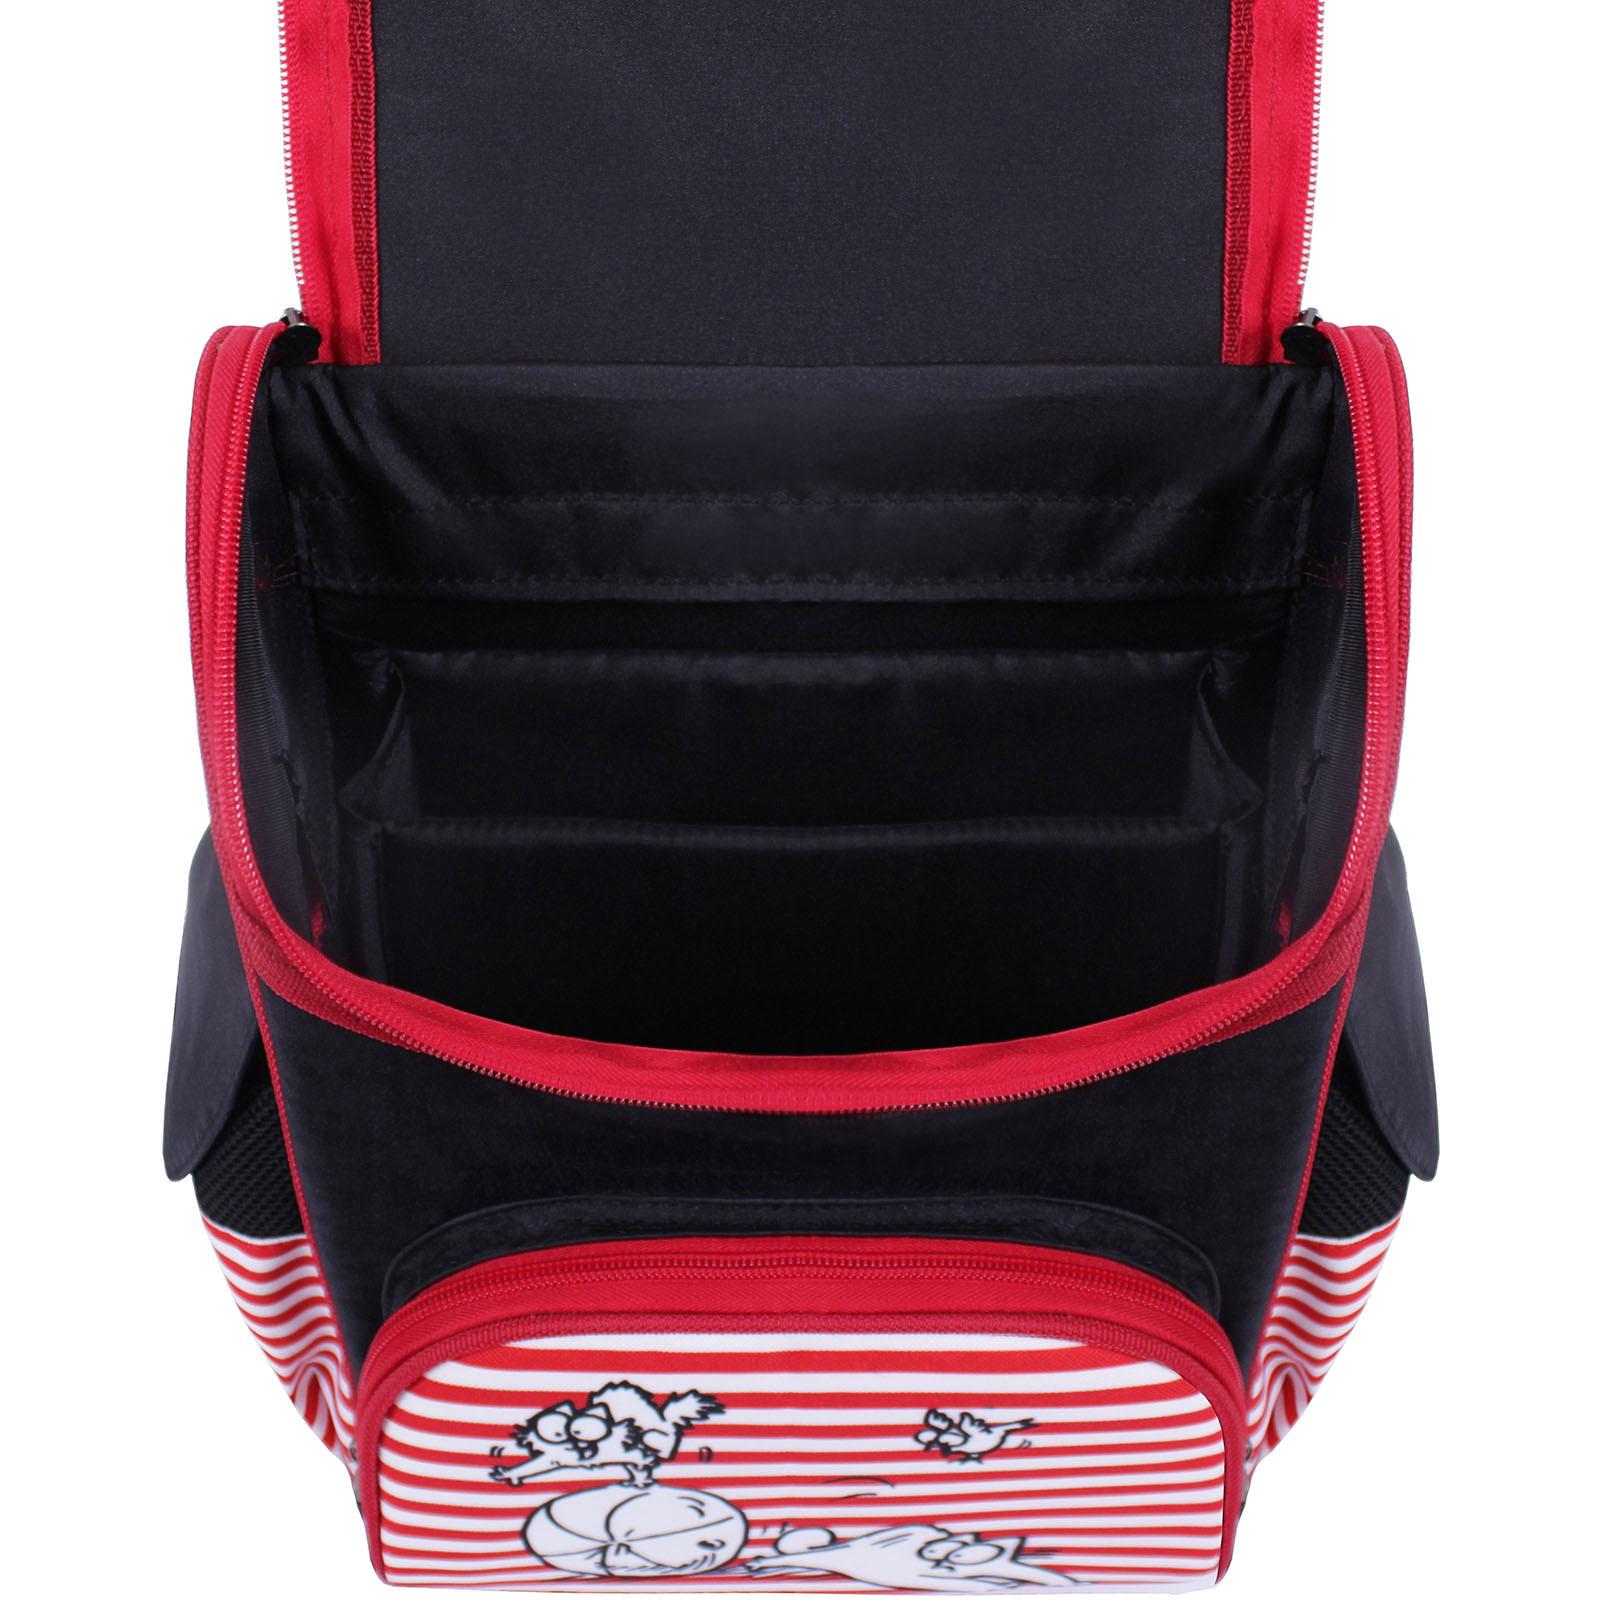 Рюкзак школьный каркасный Bagland Успех 12 л. Черный 374 (00551702) фото 4